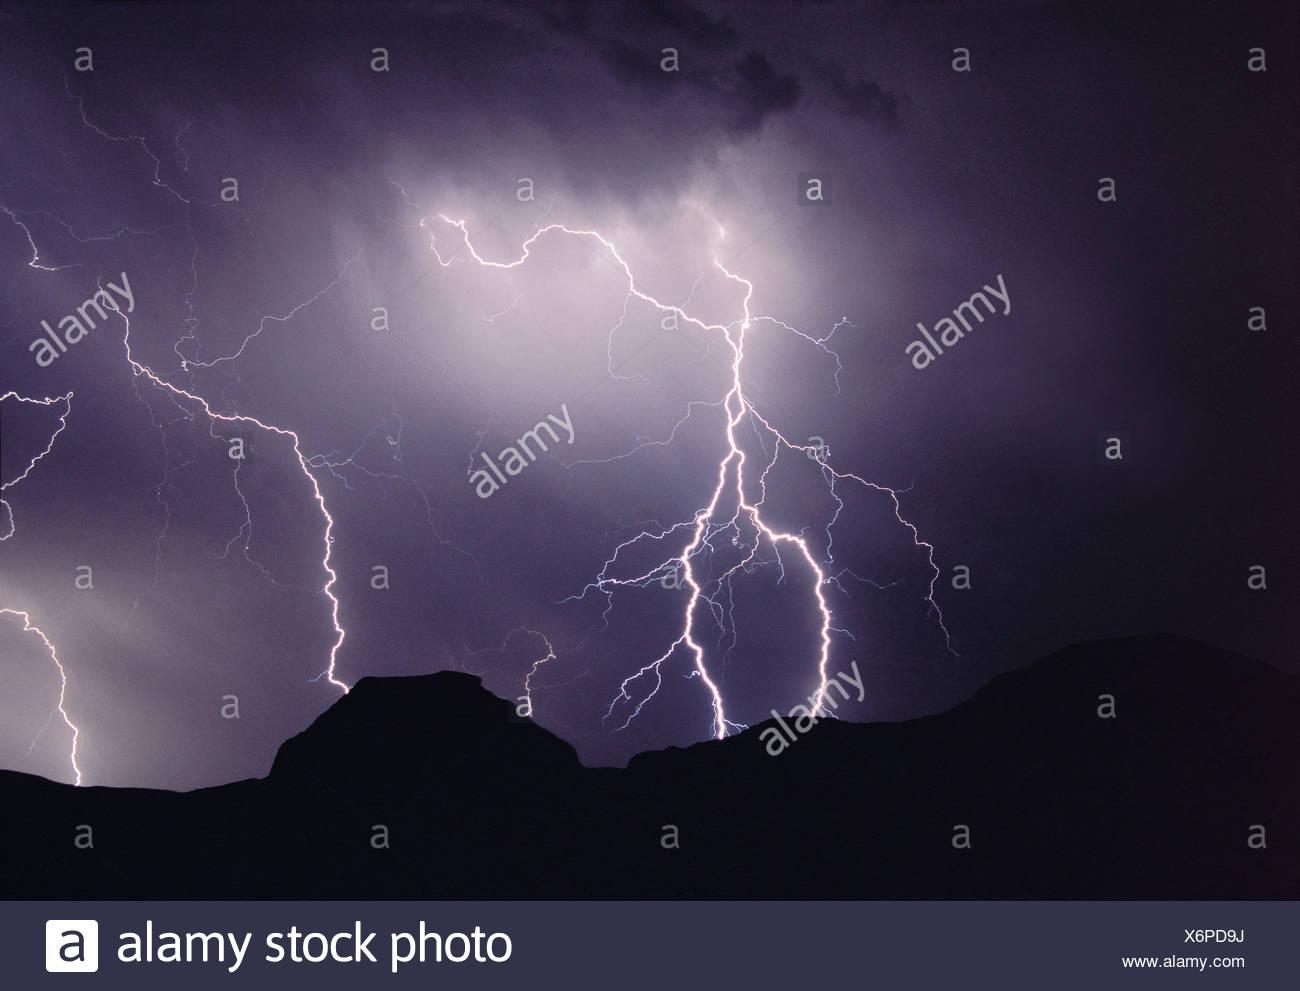 Tormenta en la noche sobre el castillo de Butte, Big Muddy Badlands, Saskatchewan, Canadá Imagen De Stock